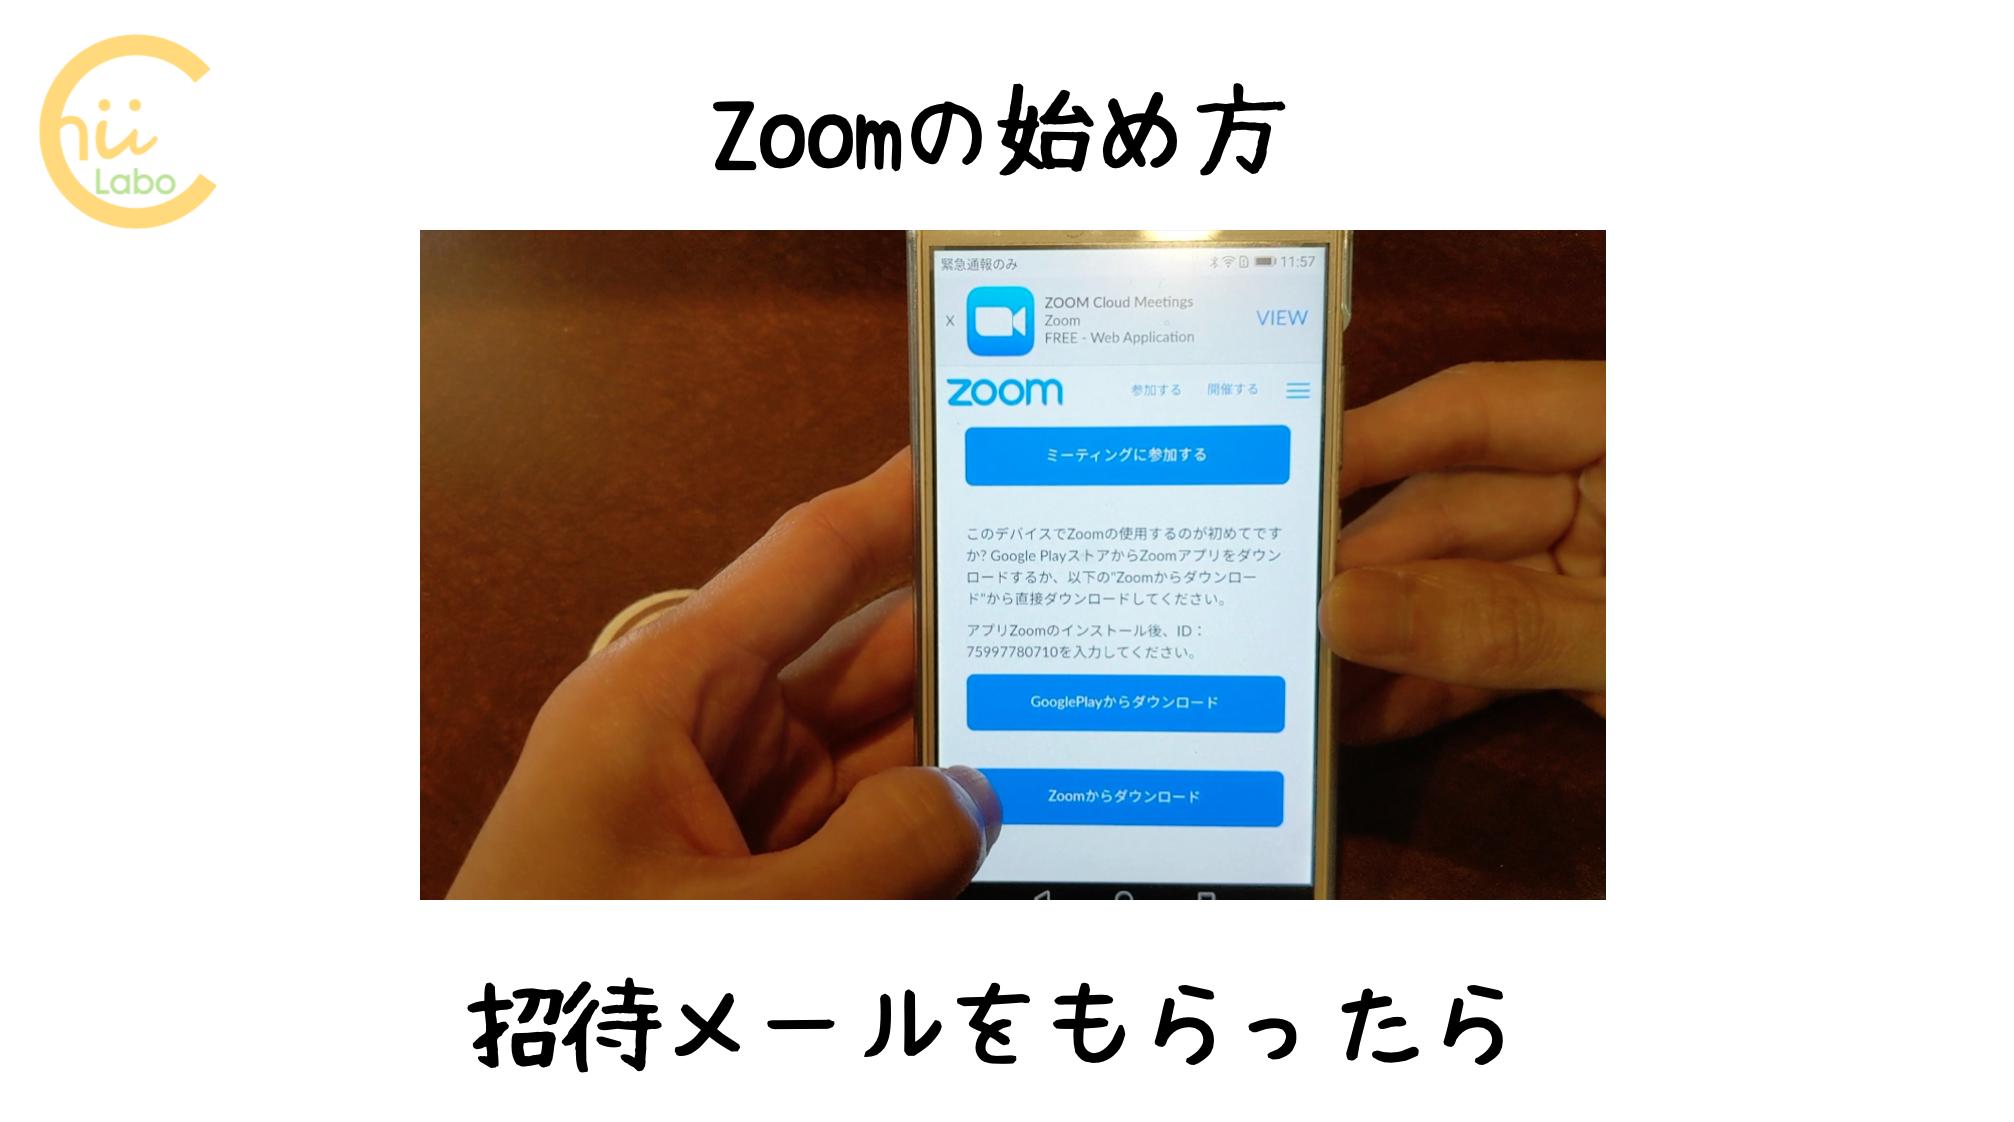 ライン 招待 zoom で